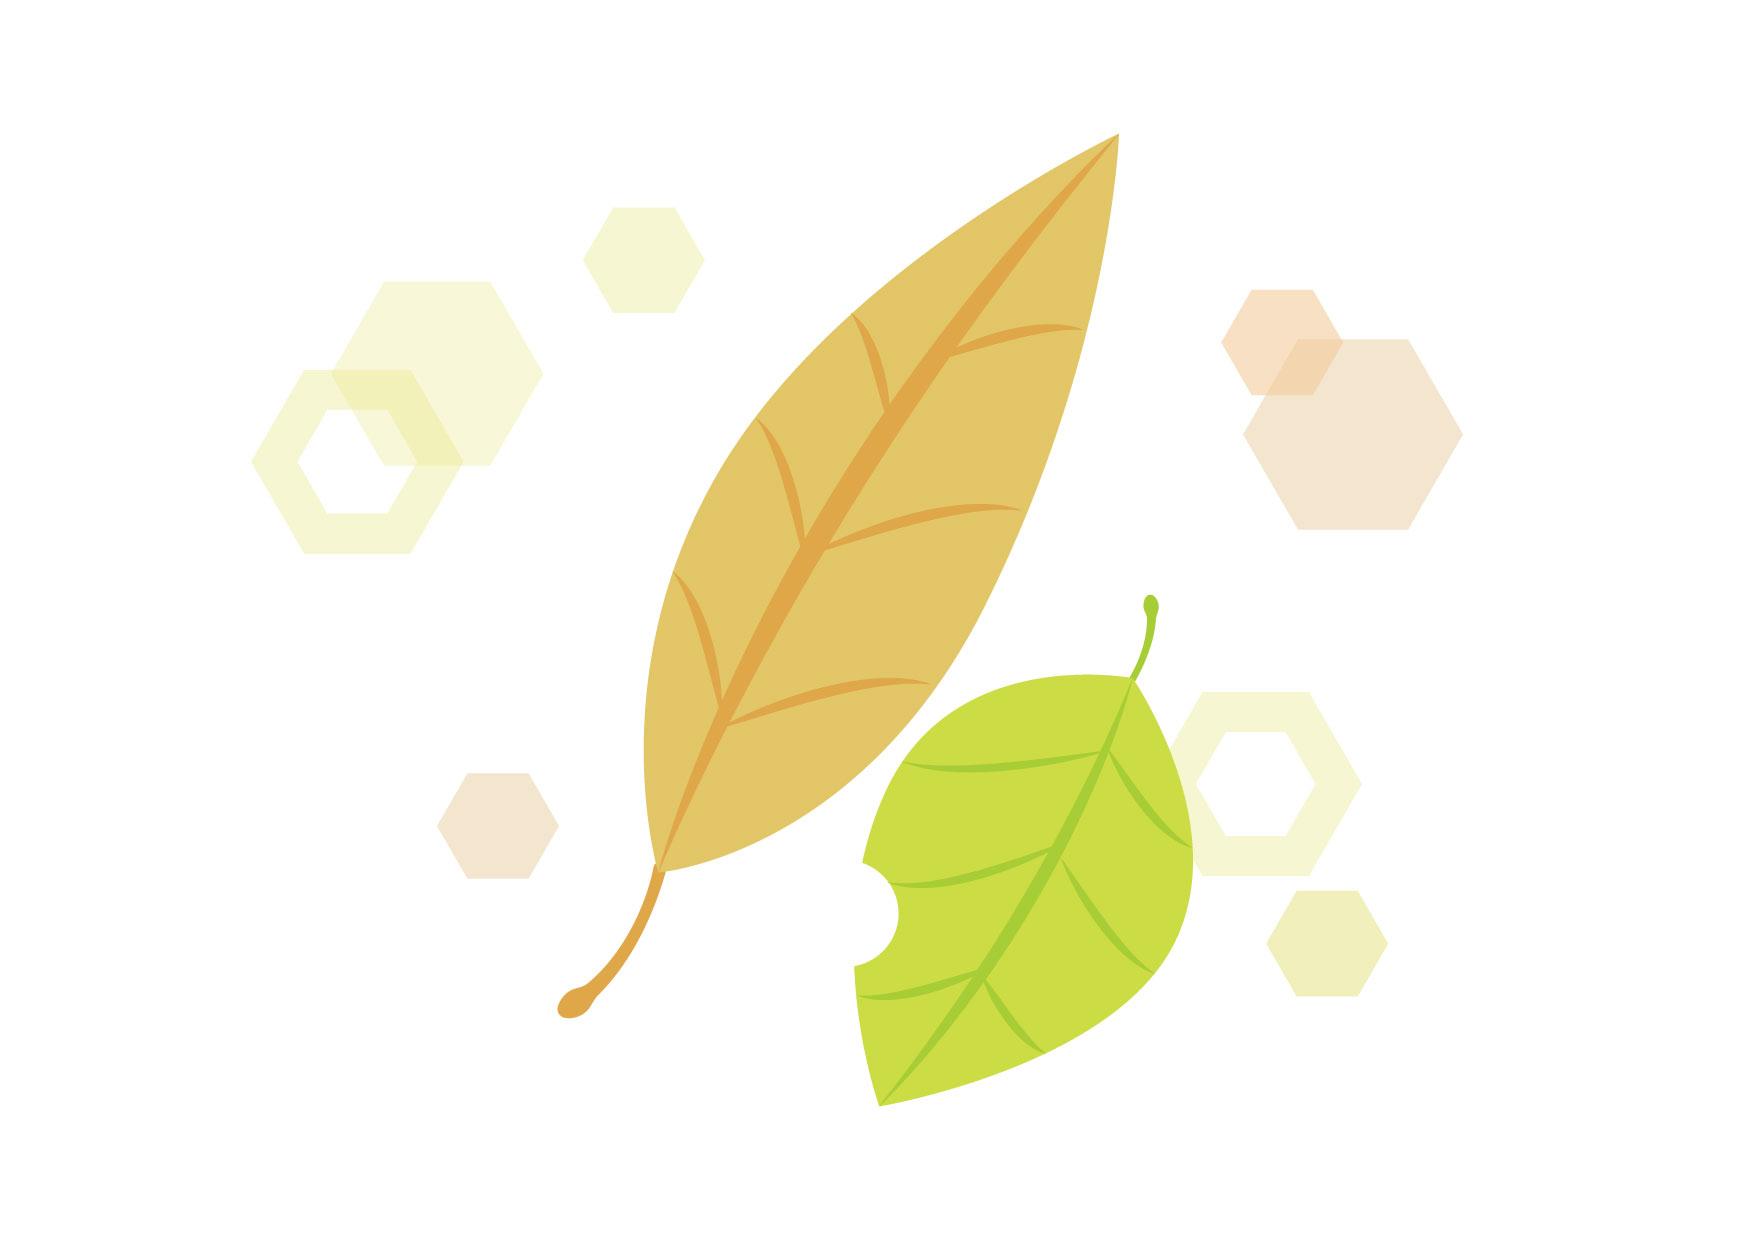 可愛いイラスト無料|落ち葉 黄色 キラキラ − free illustration Fallen leaves yellow glitter